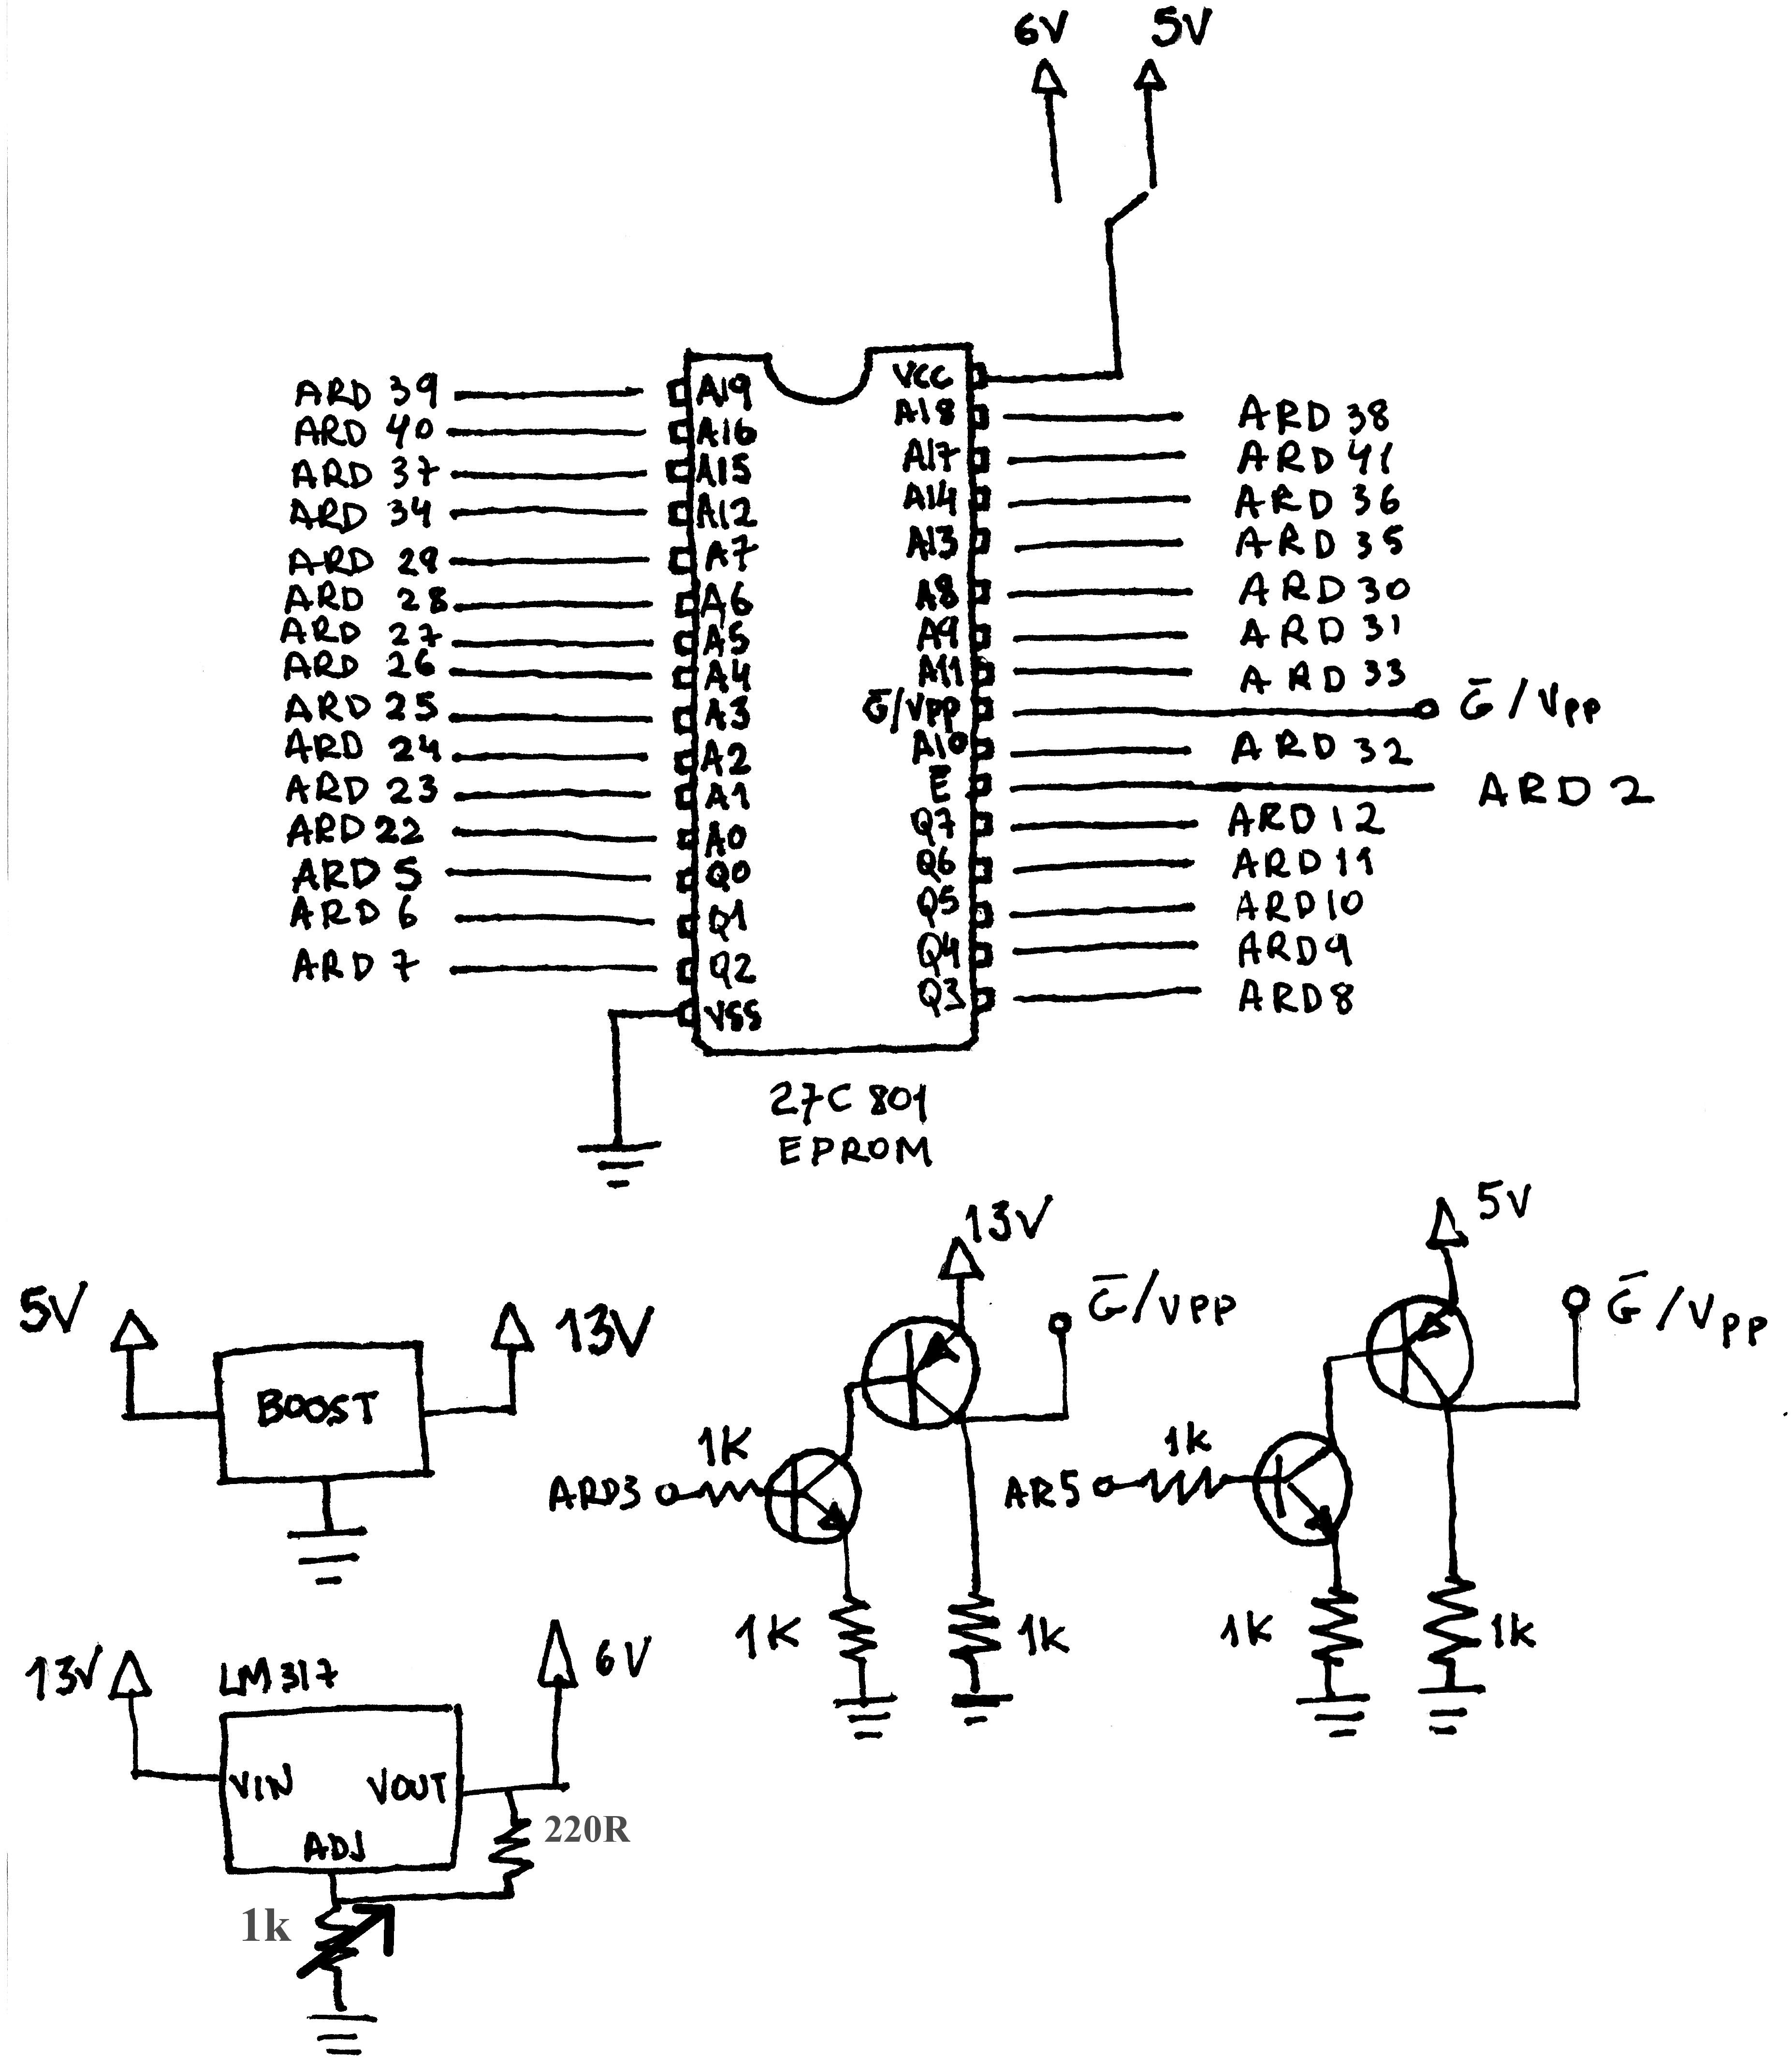 arduino mega eprom programmer drag o sem chama Arduino Uno Layout